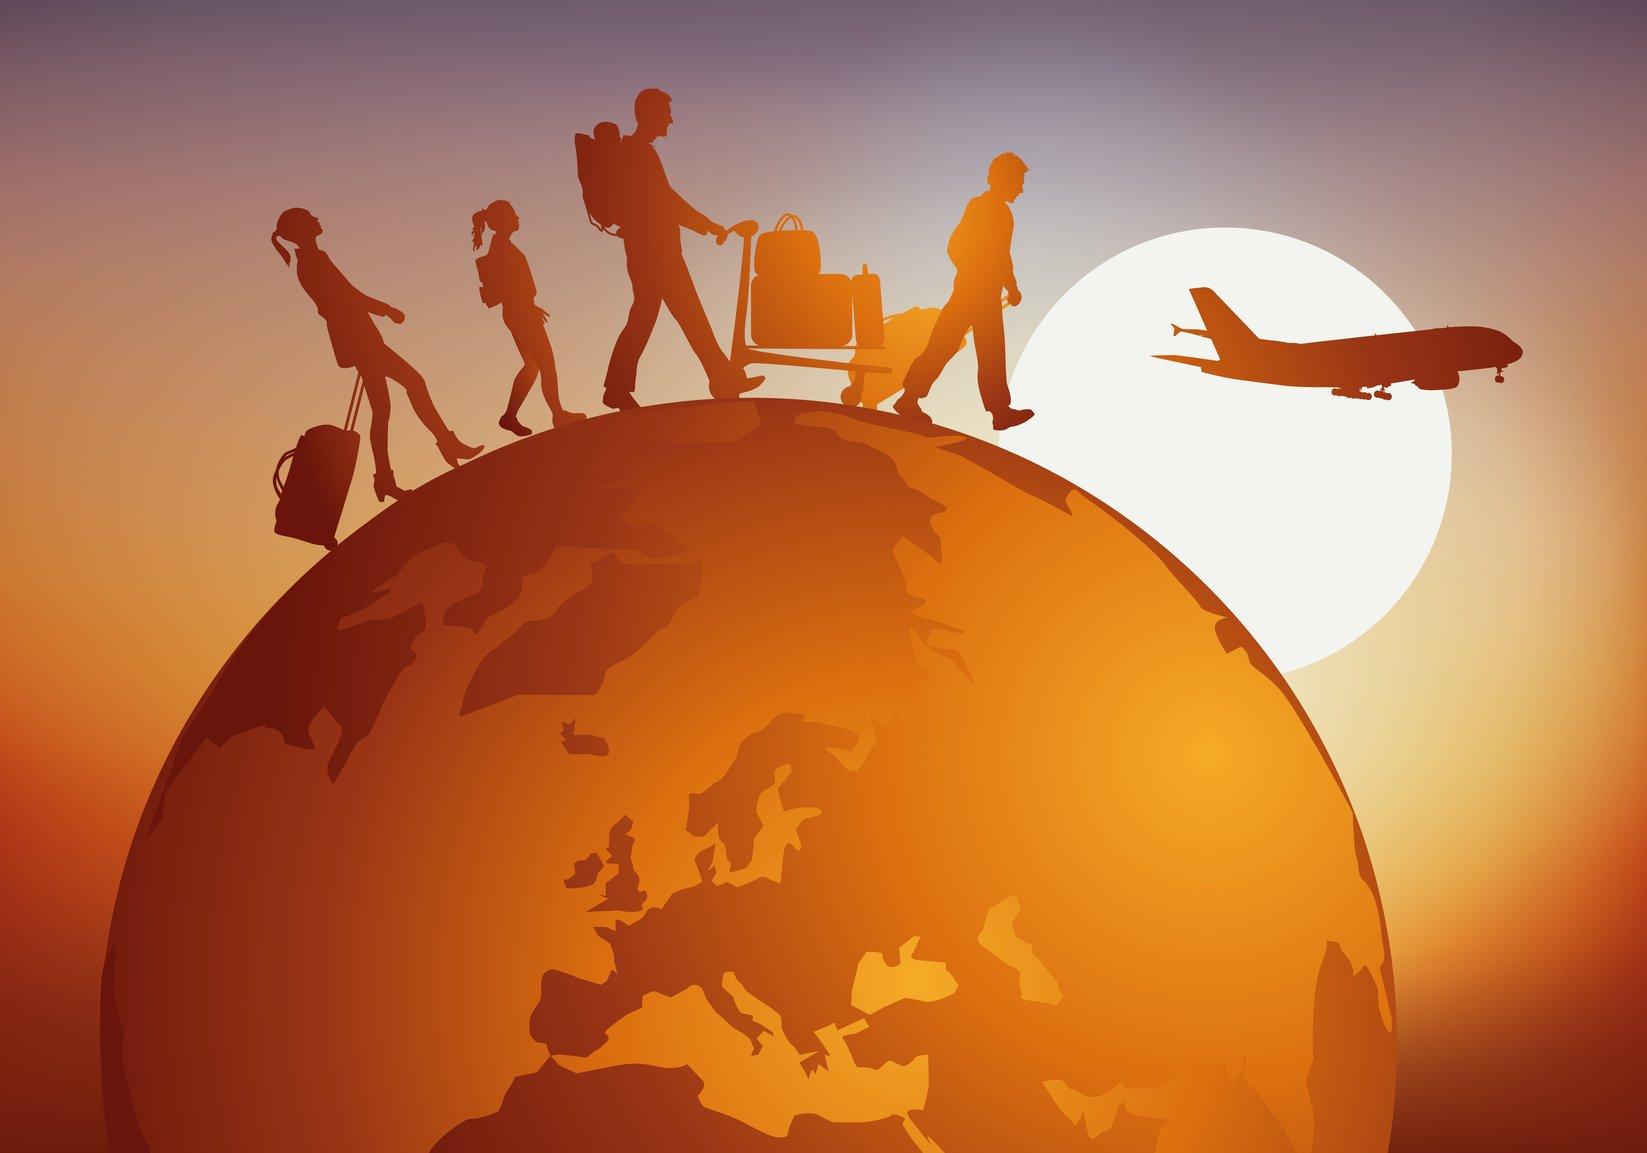 Αύξηση των ταξιδιωτικών εισπράξεων κατά 34,8% το α΄τρίμηνο